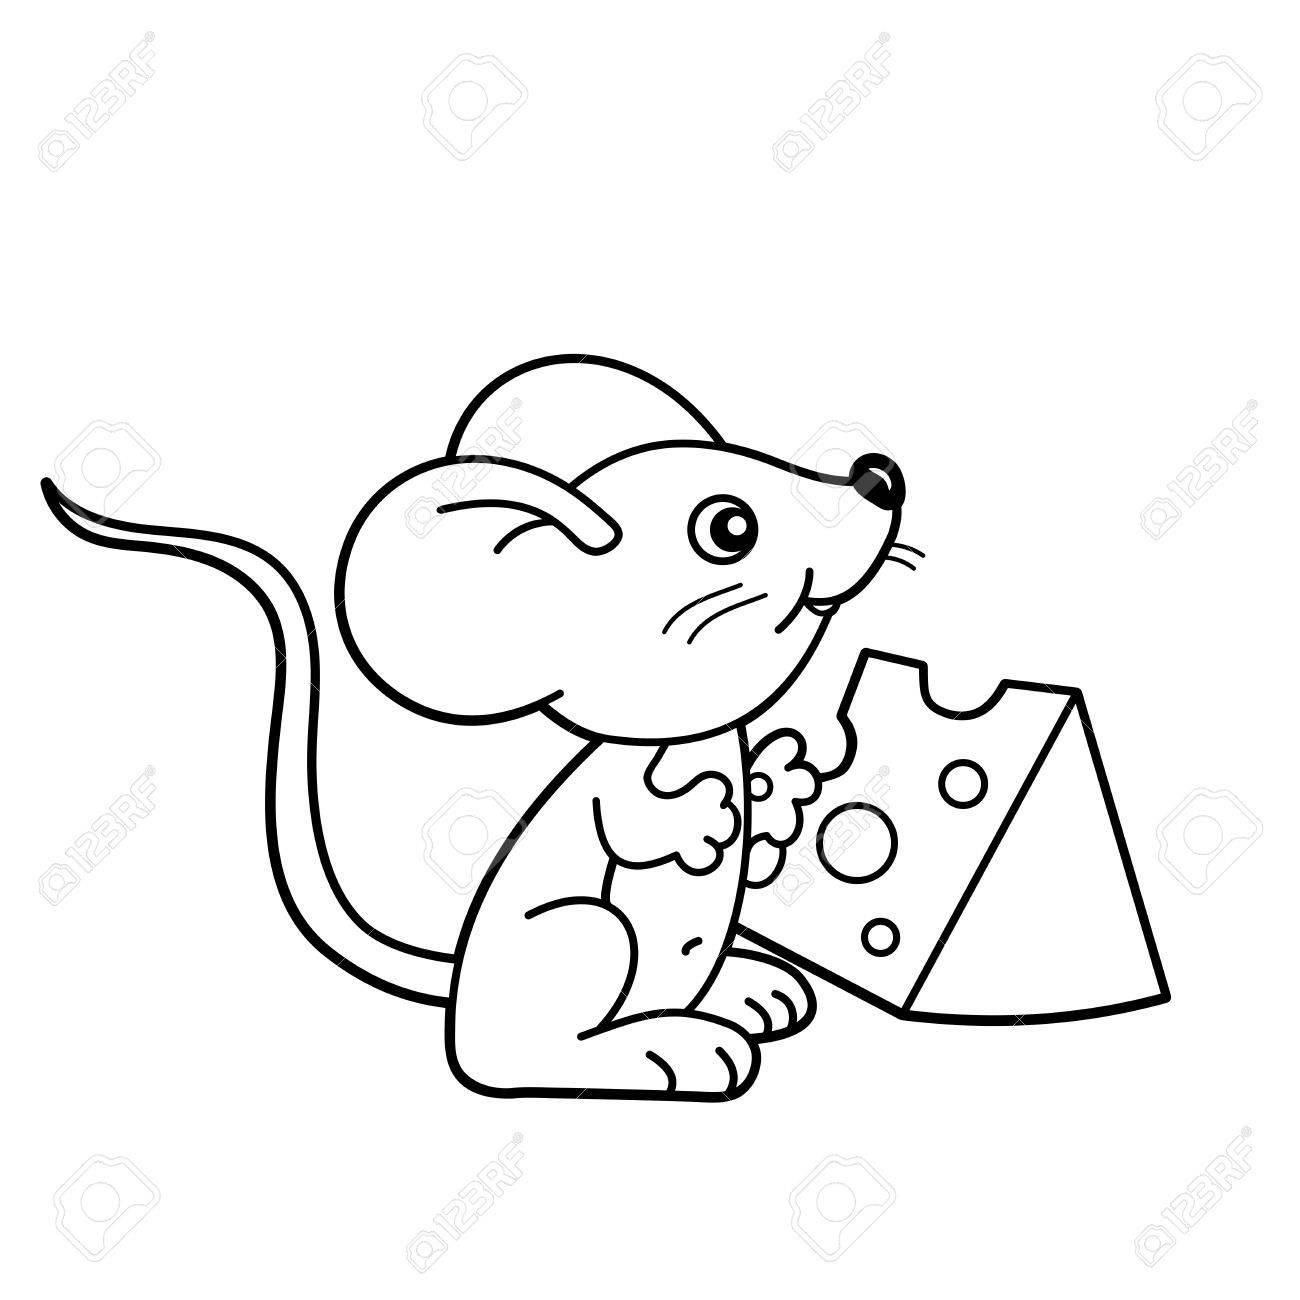 Página Para Colorear Esquema De Dibujos Animados Pequeño Ratón Con ...